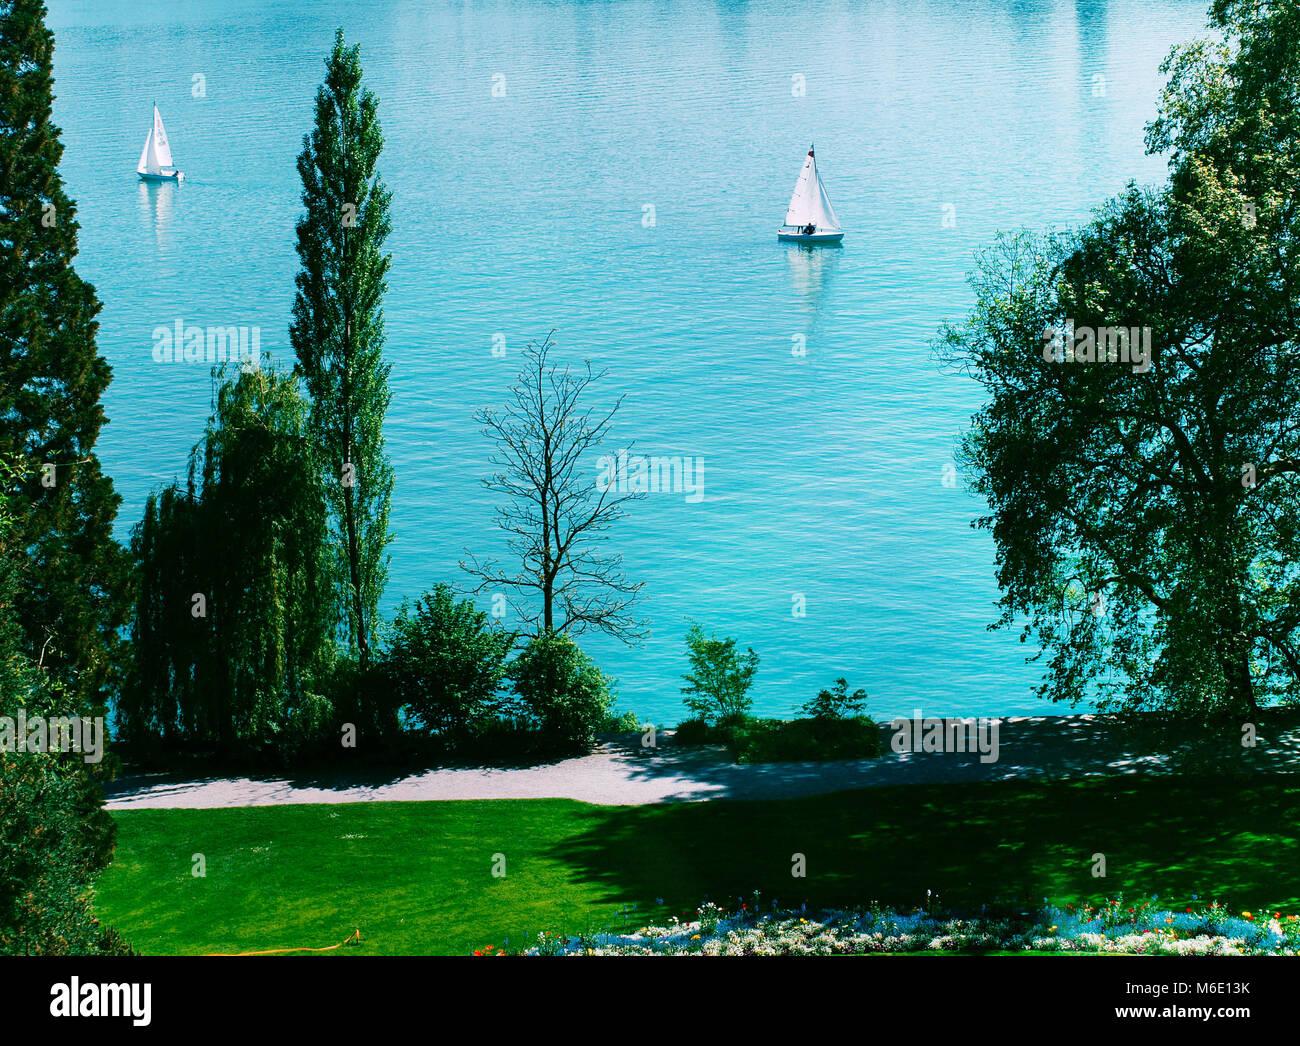 Mainau island sailboat at lake Bodensee, Germany. - Stock Image